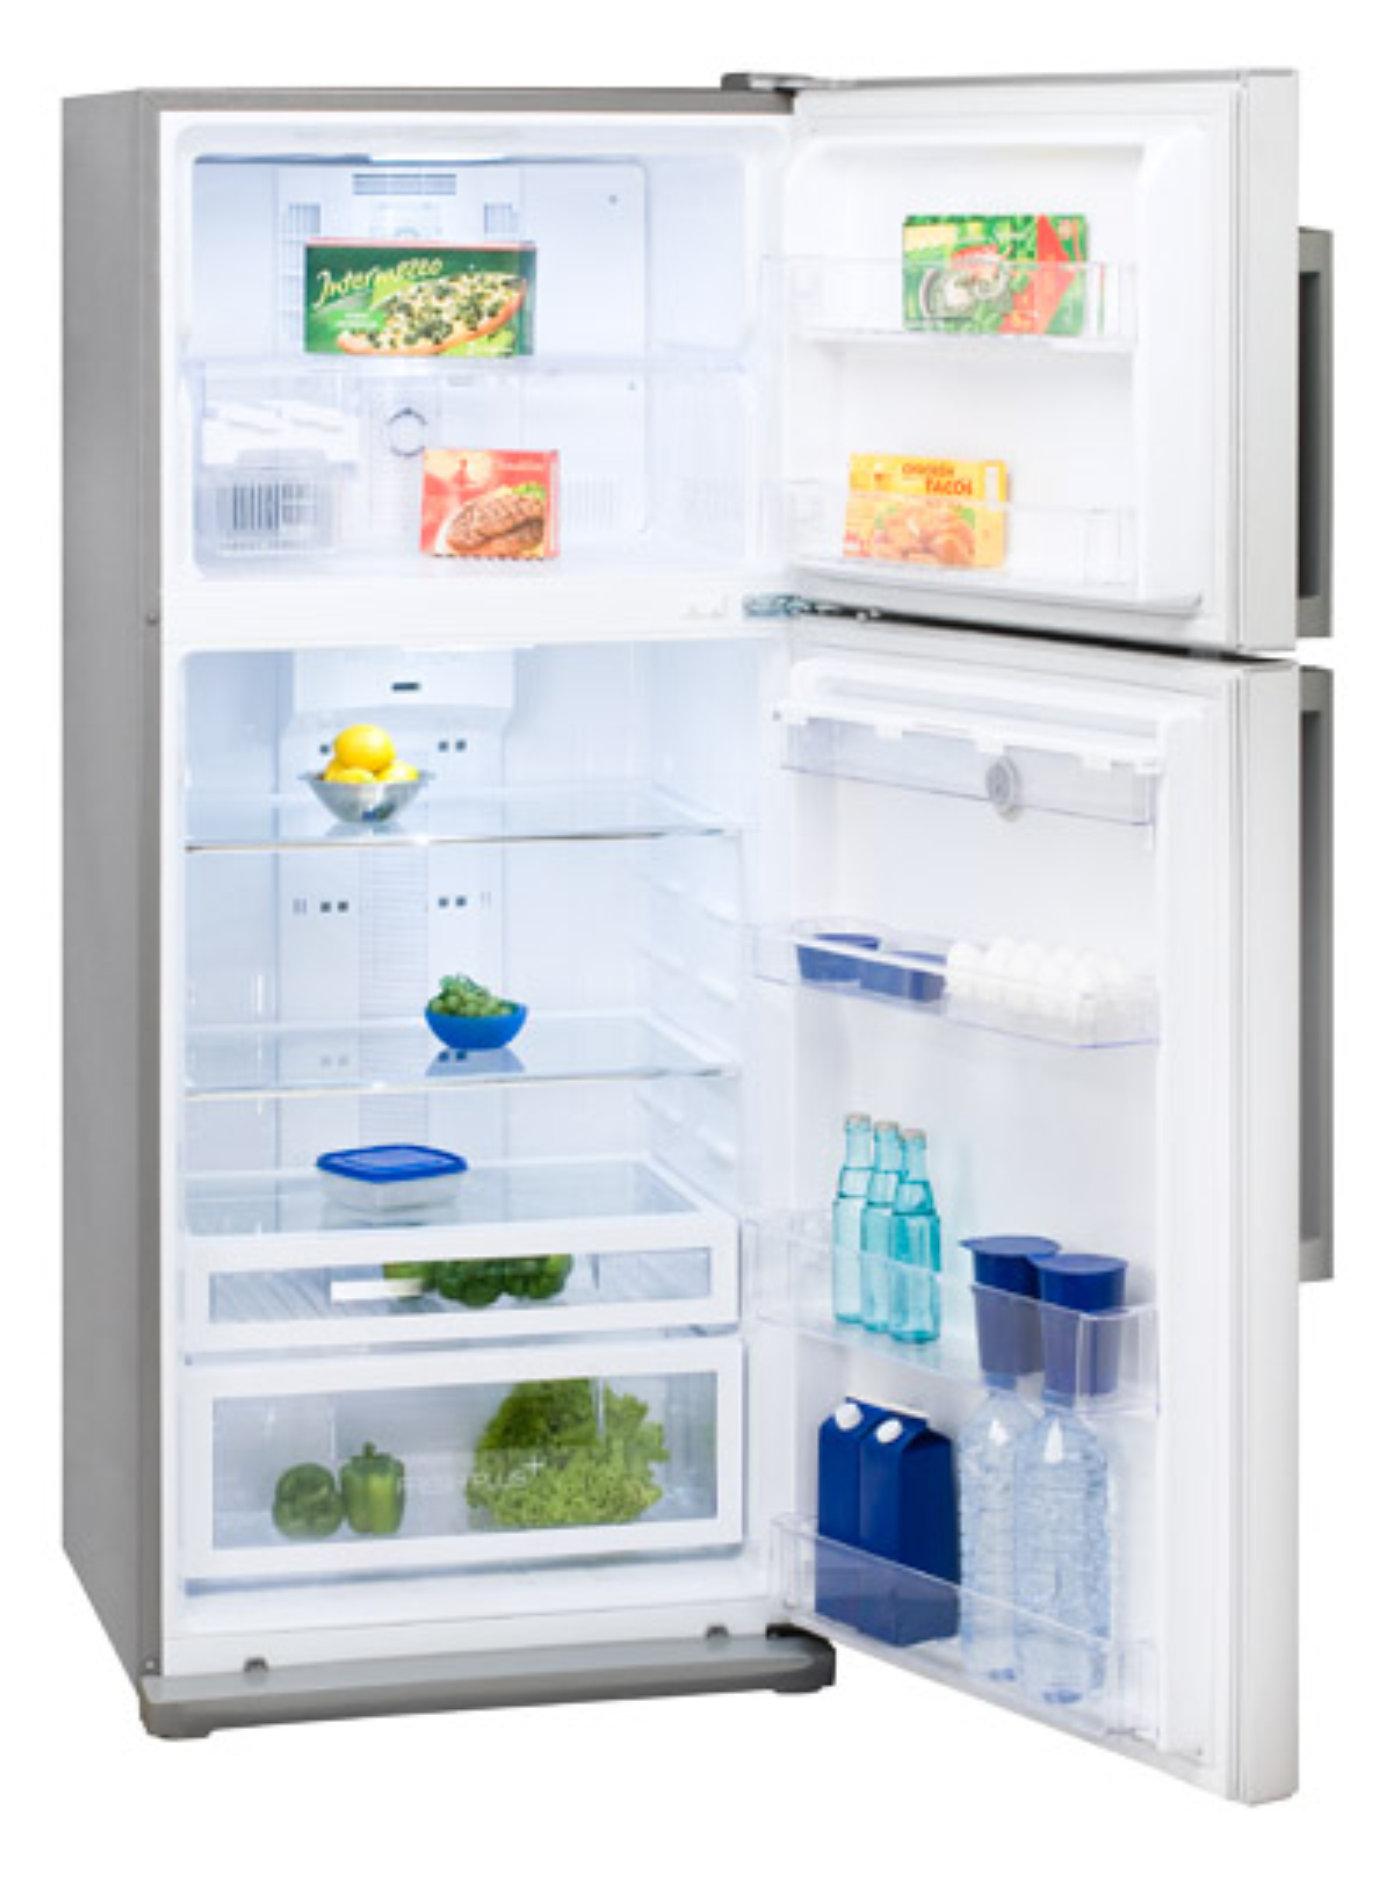 Ψυγεία δίπορτα